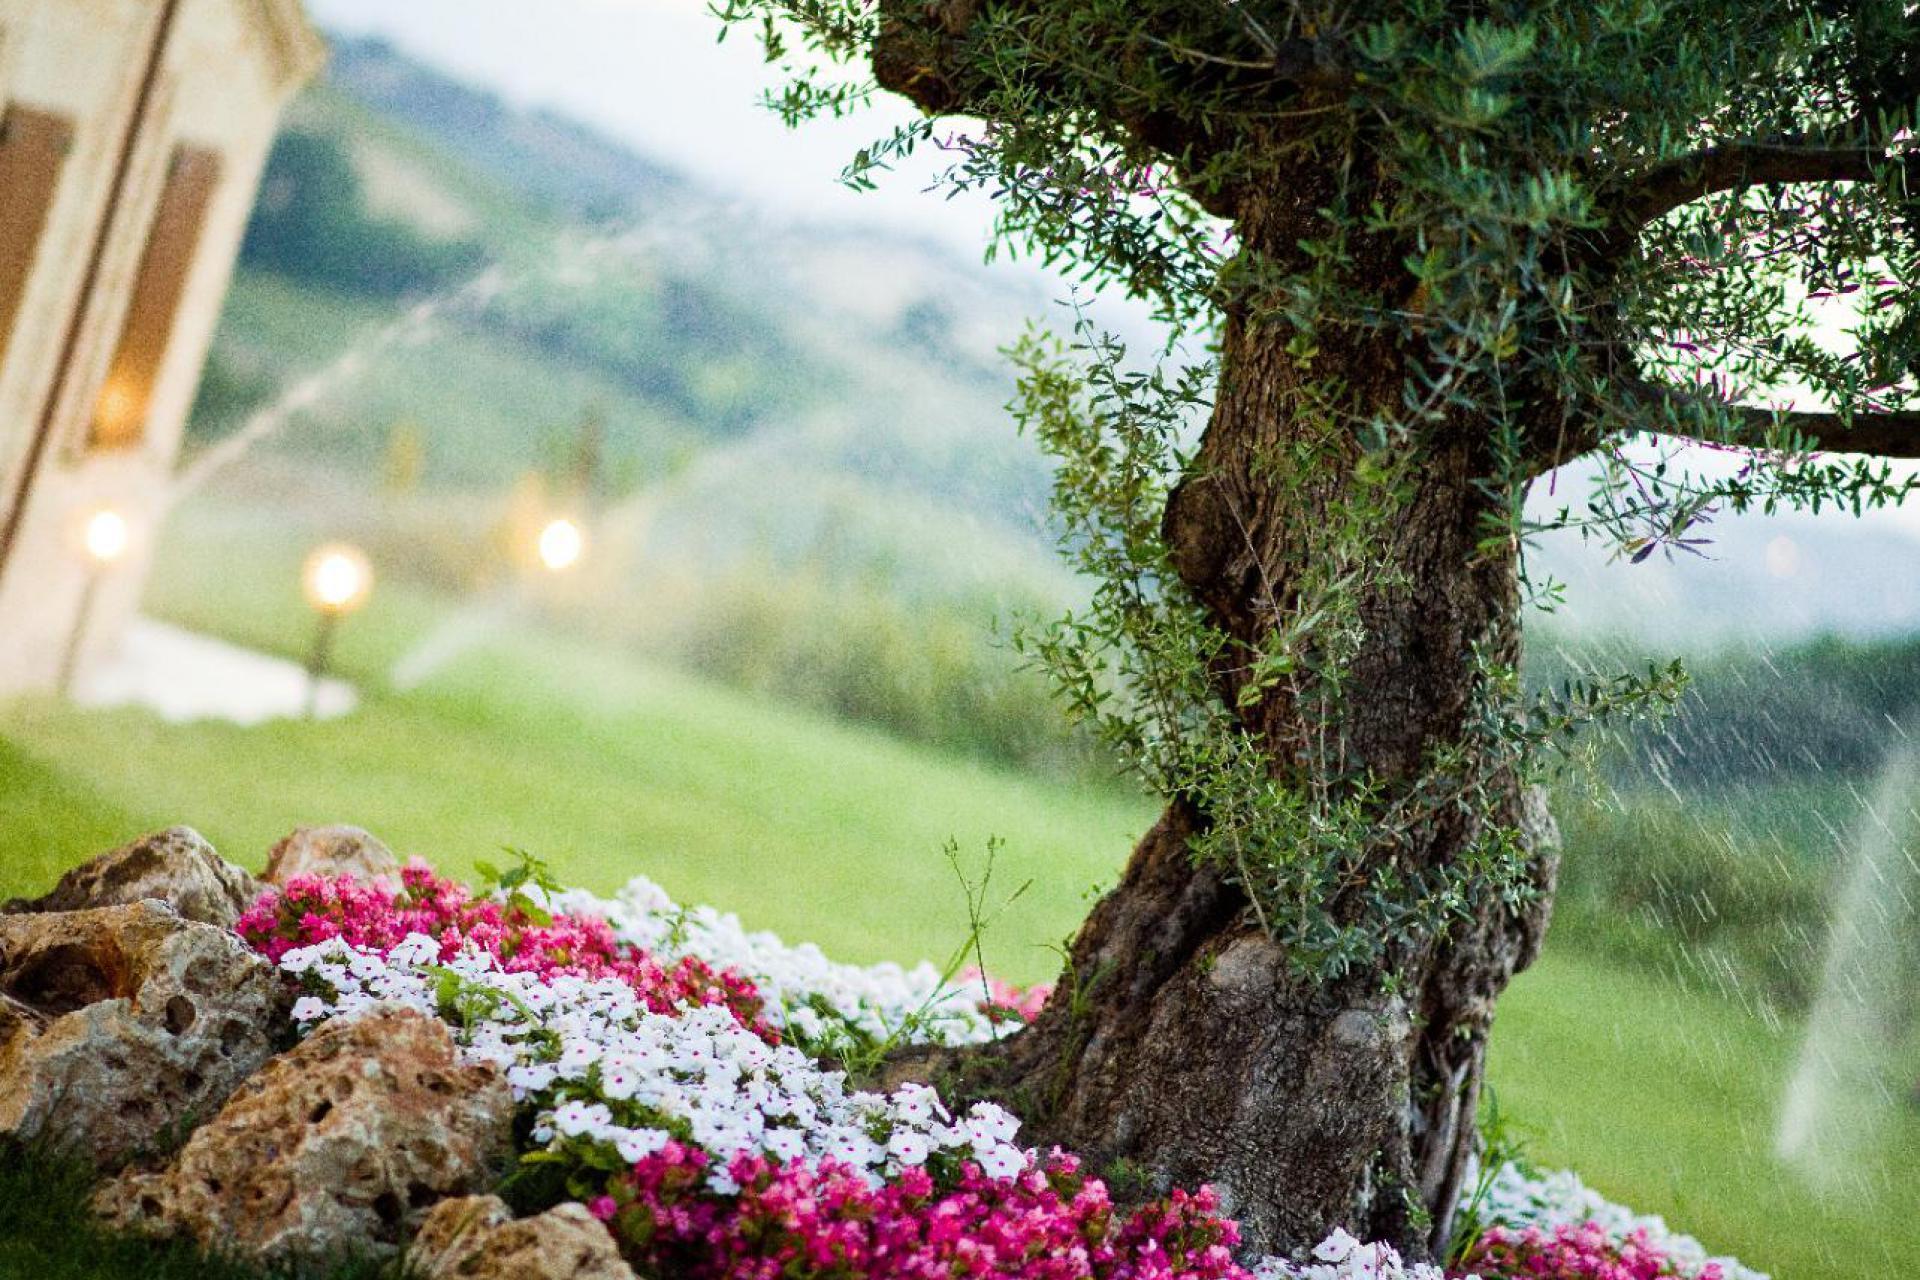 Agriturismo Umbrien Agriturismo Umbrien Assisi, liebevoll eingerichtet